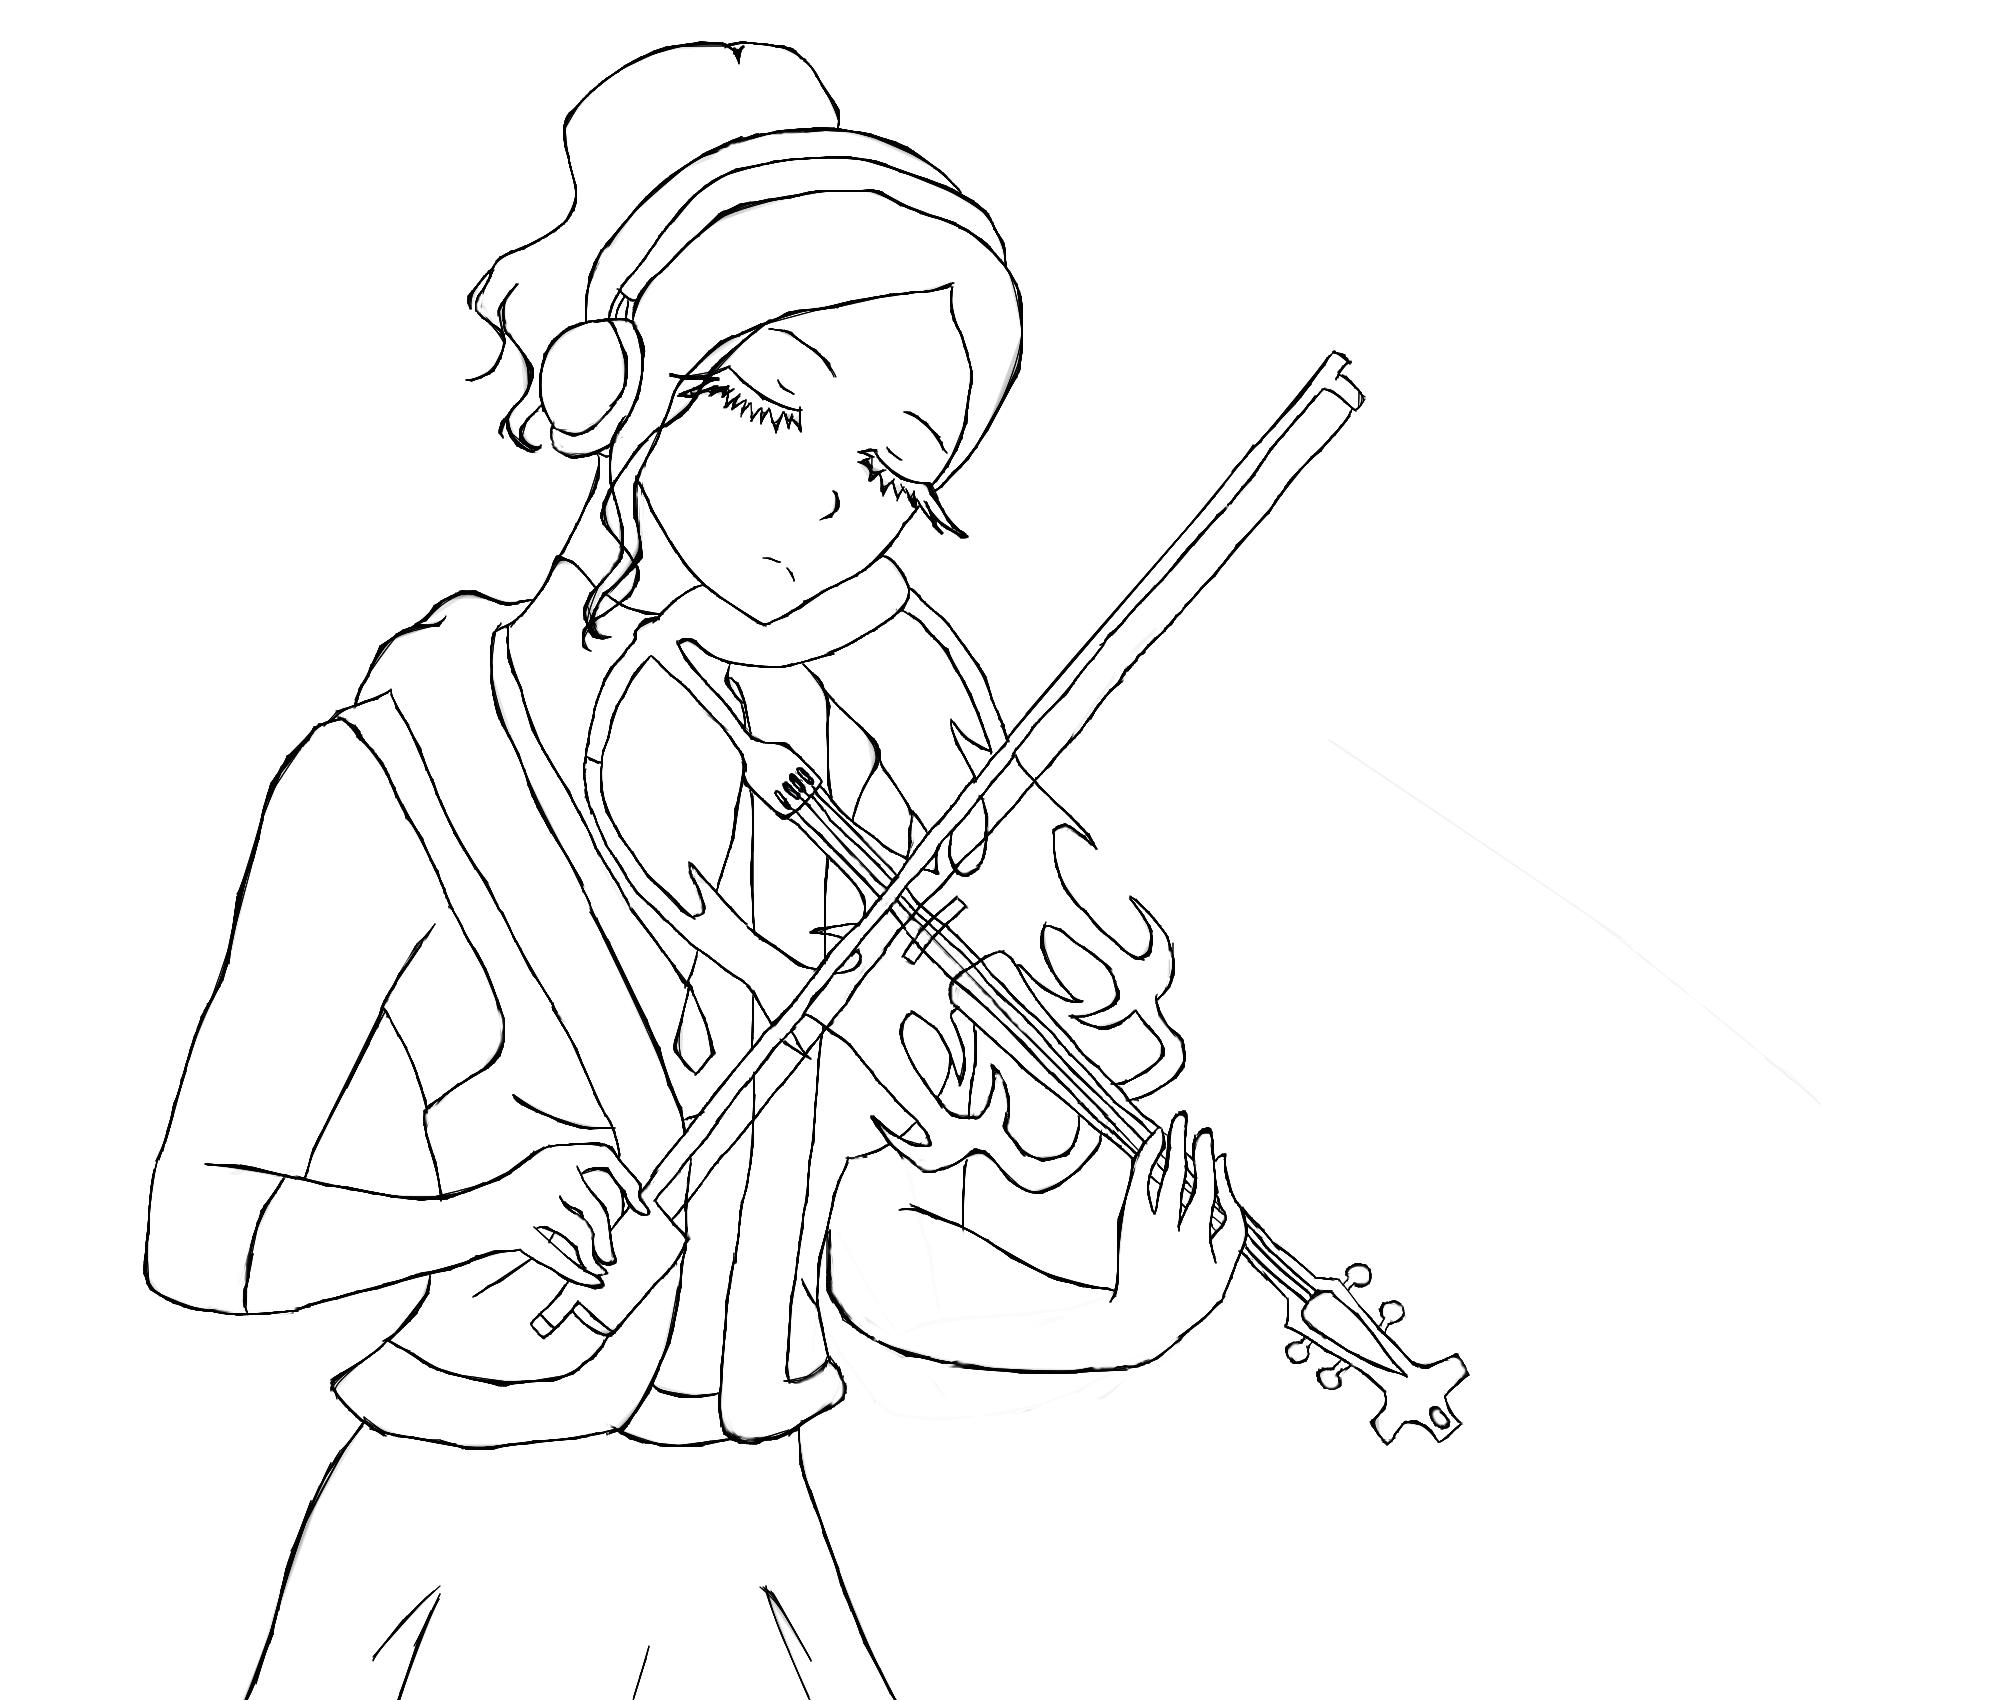 Line Drawing Violin : Violin outline by on deviantart